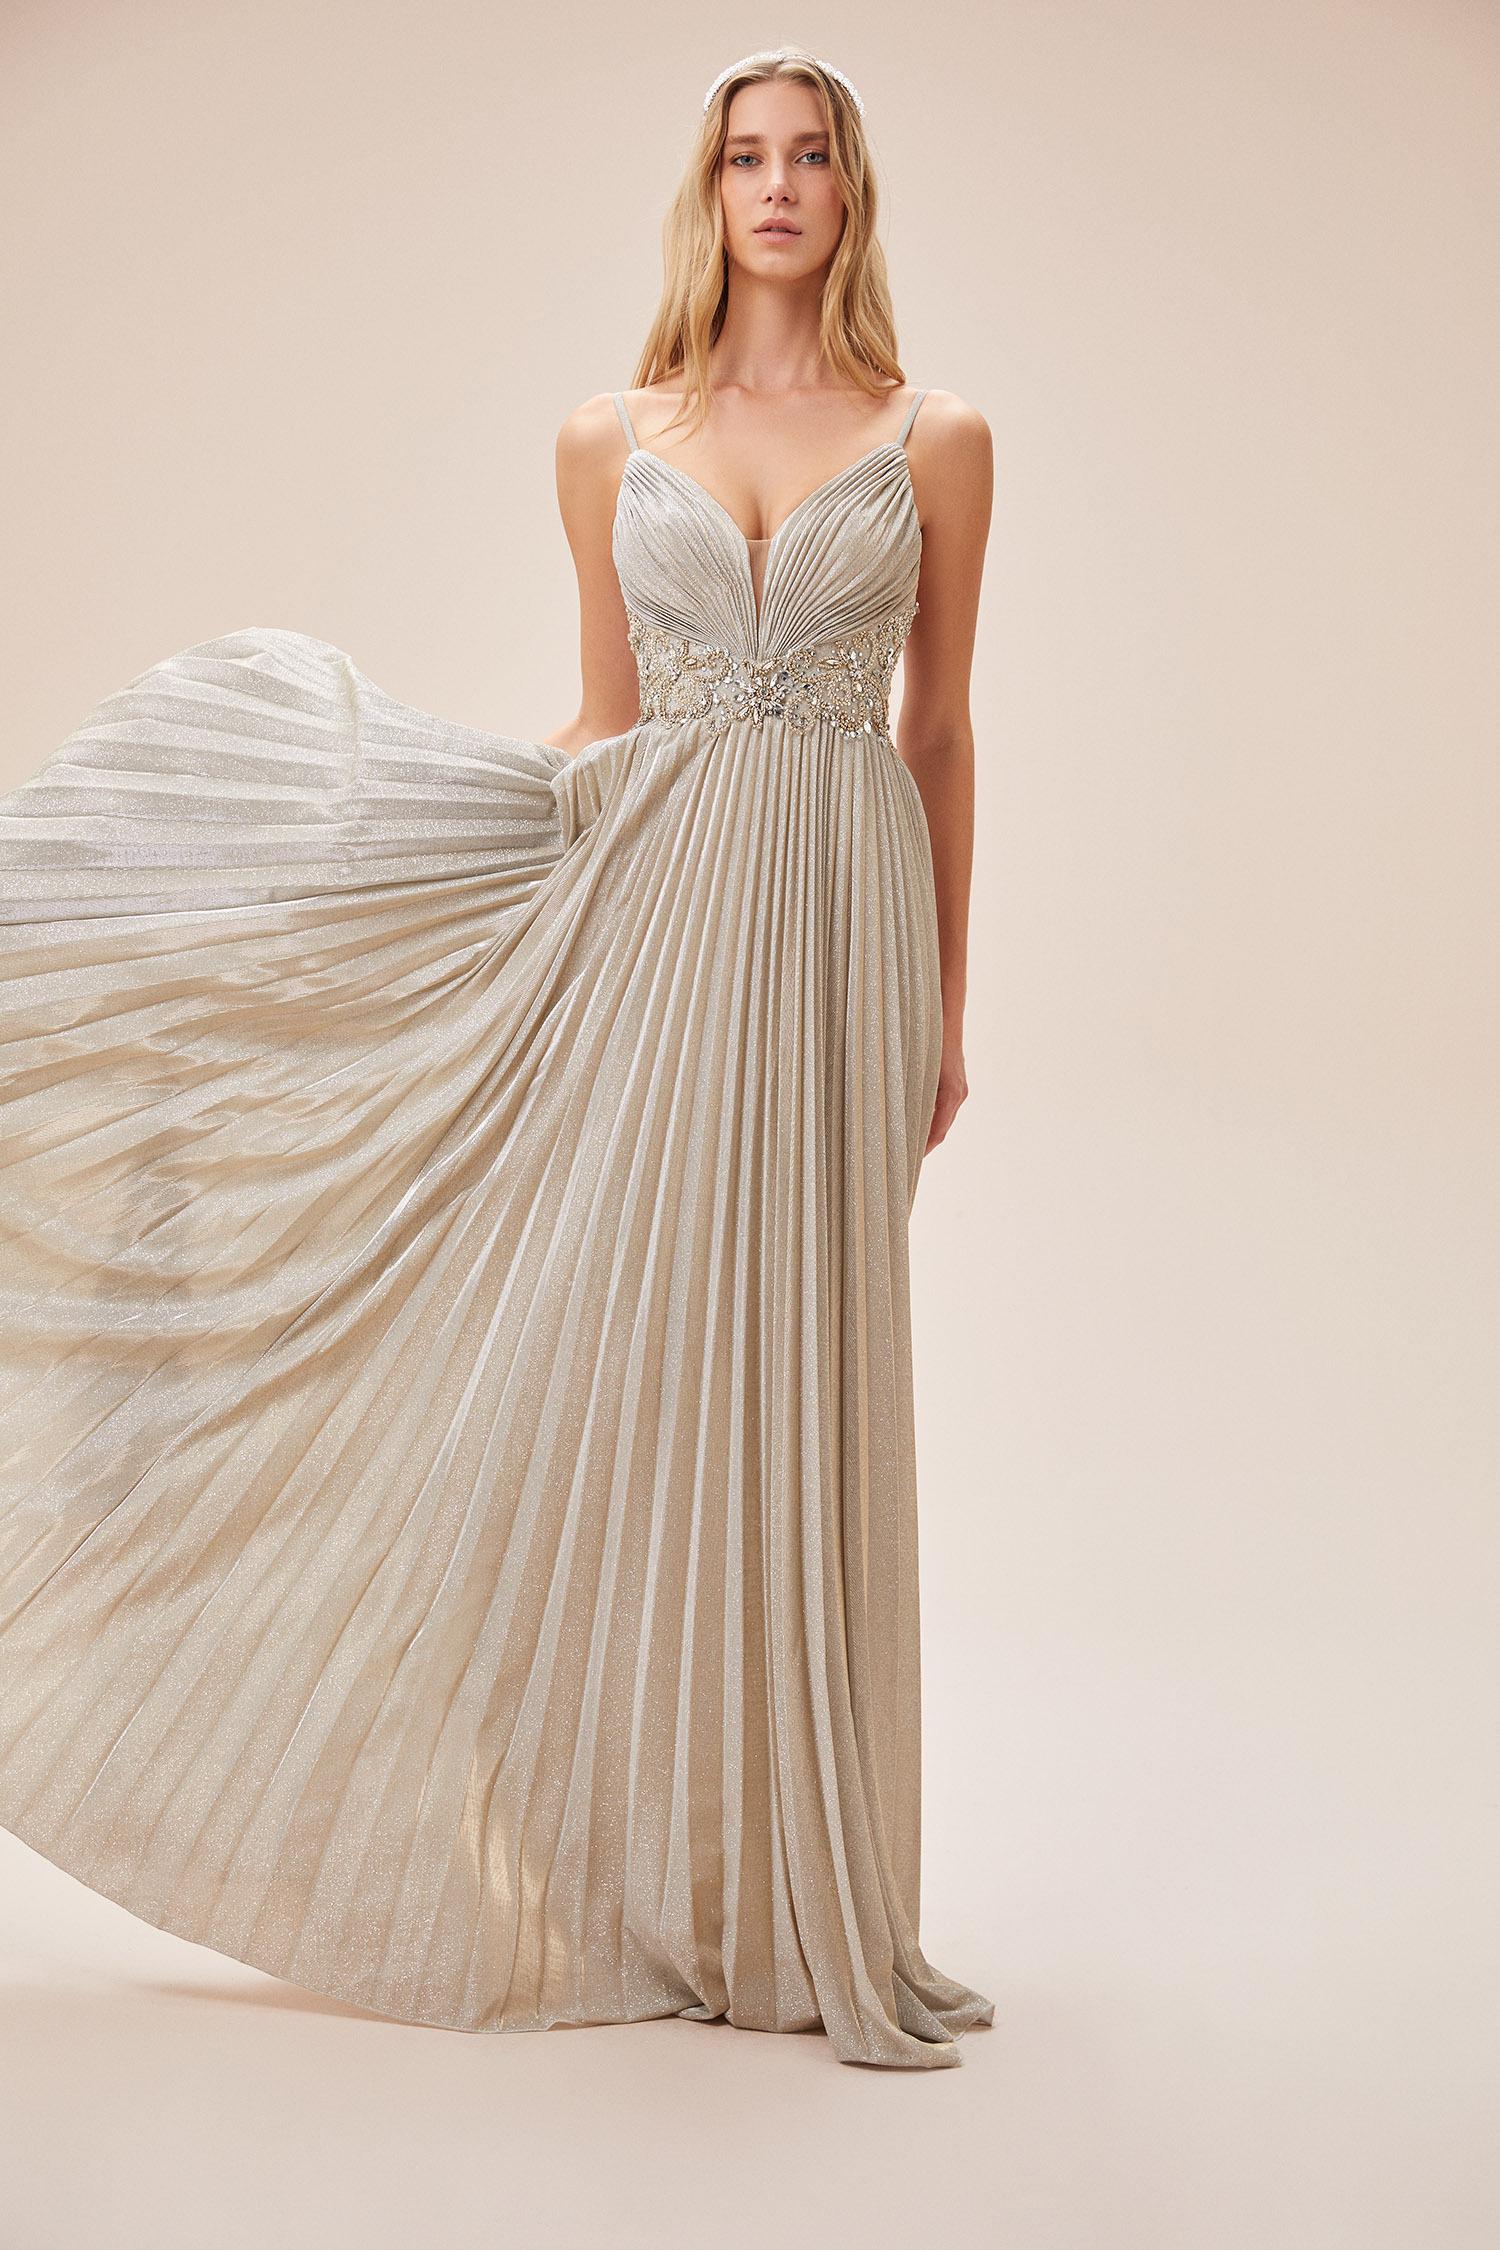 Şampanya Rengi İnce Askılı Kemer Detaylı Uzun Abiye Elbise - Thumbnail